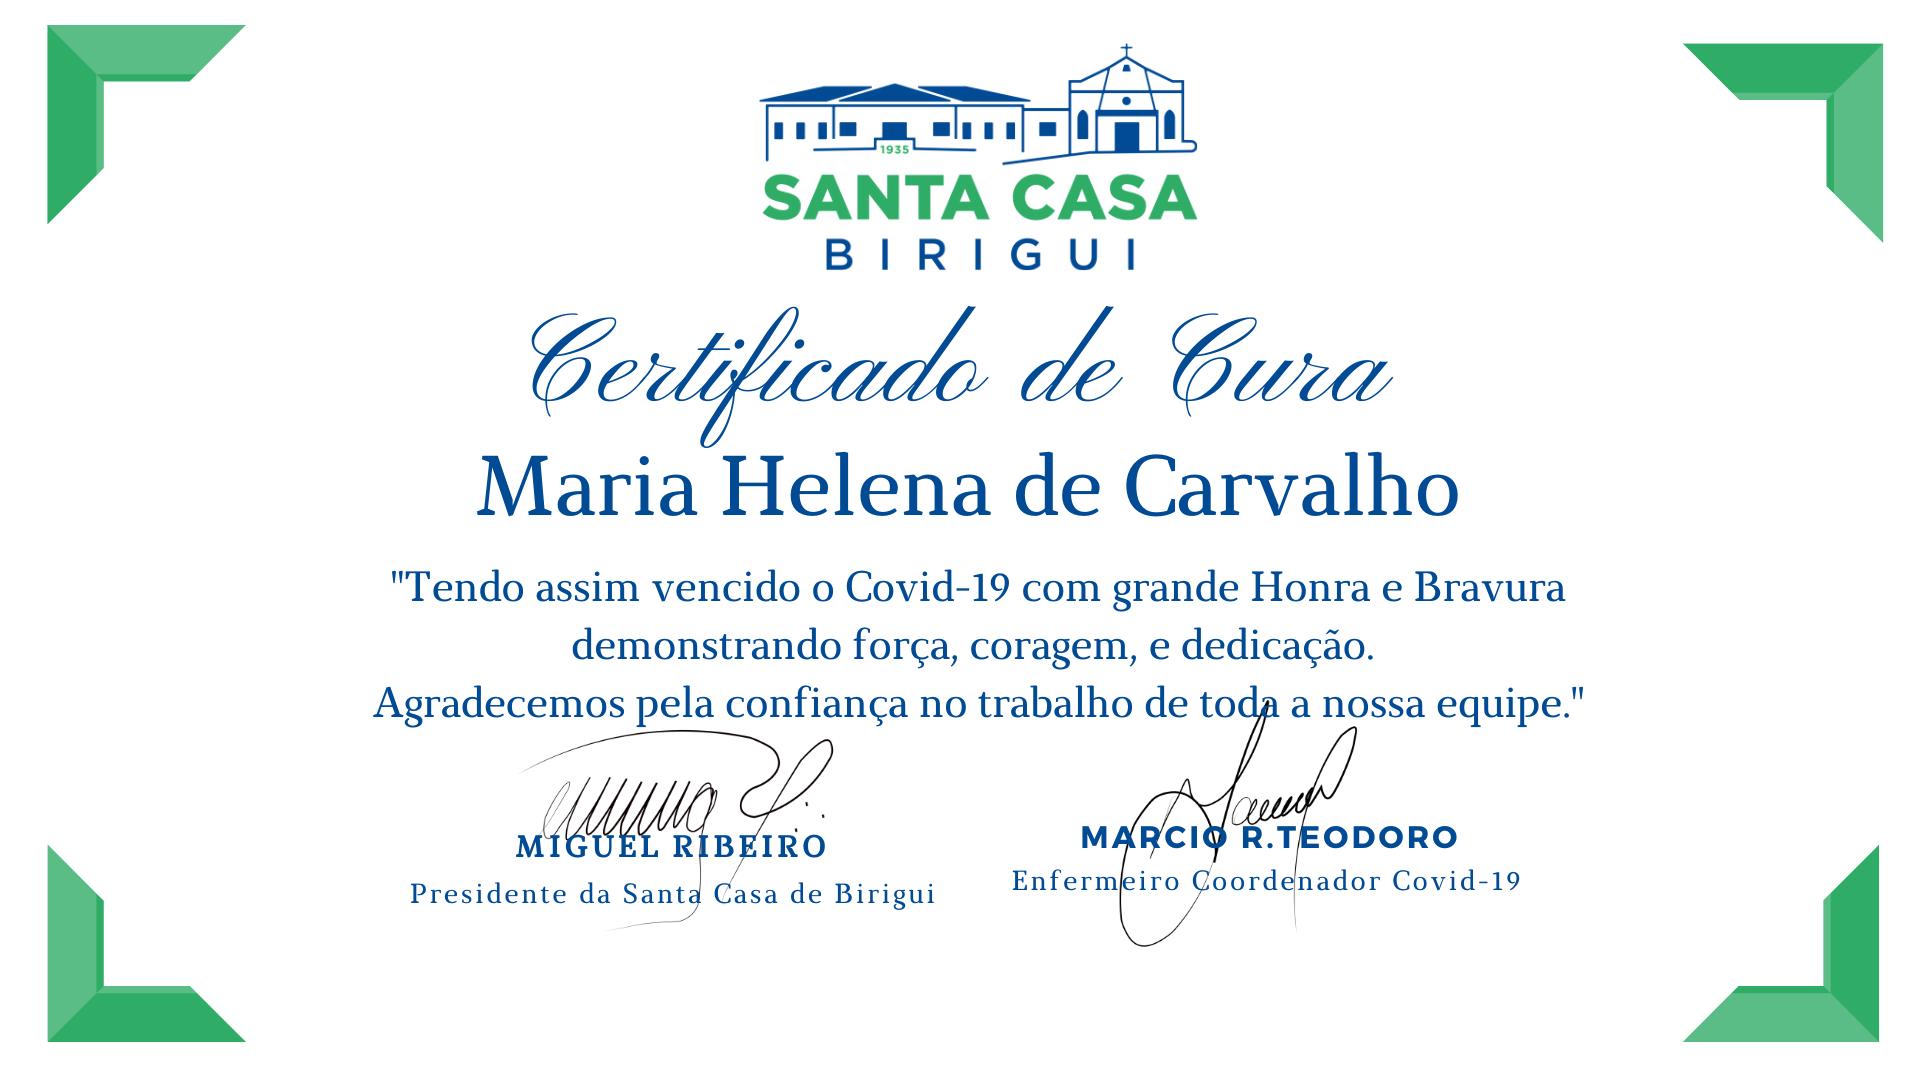 Seis pacientes: Dona Maria Helena foi a ultima paciente no domingo a ir para casa.